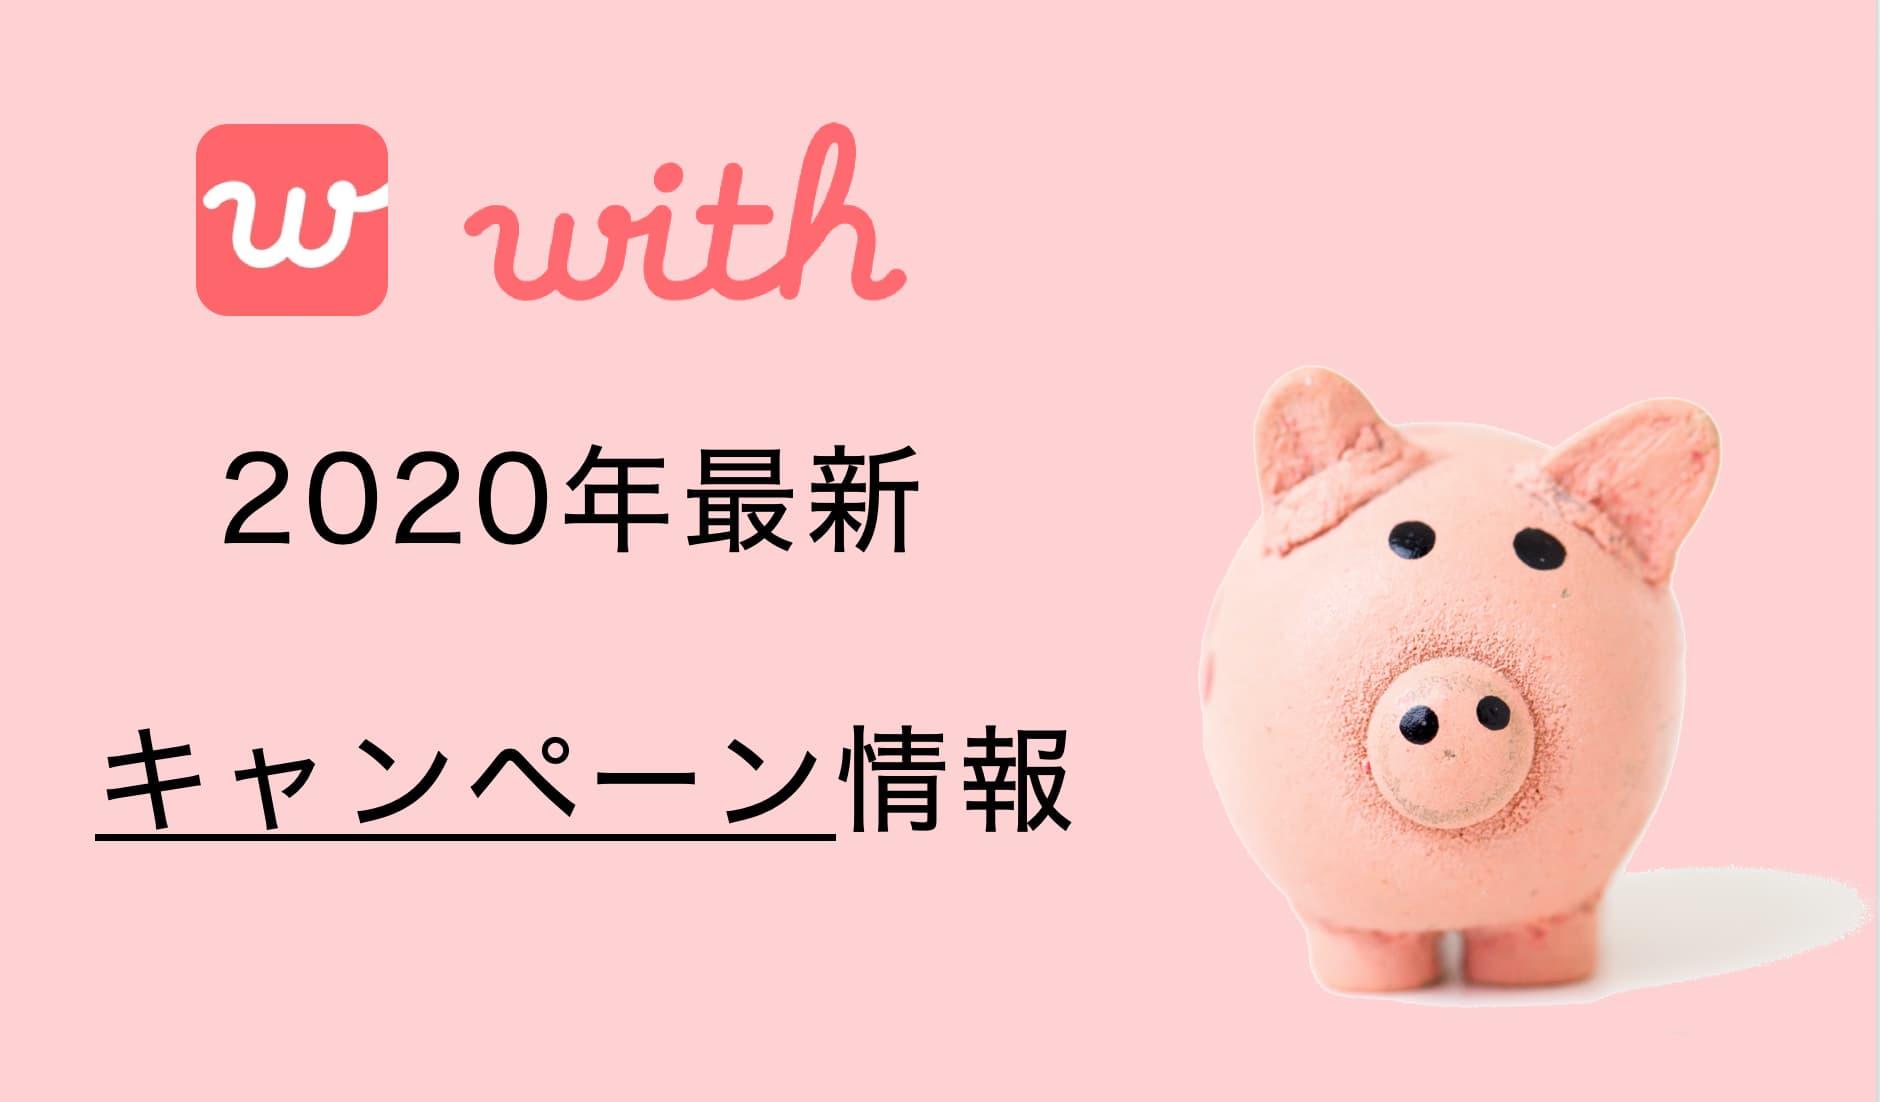 withキャンペーン記事アイキャッチ画像